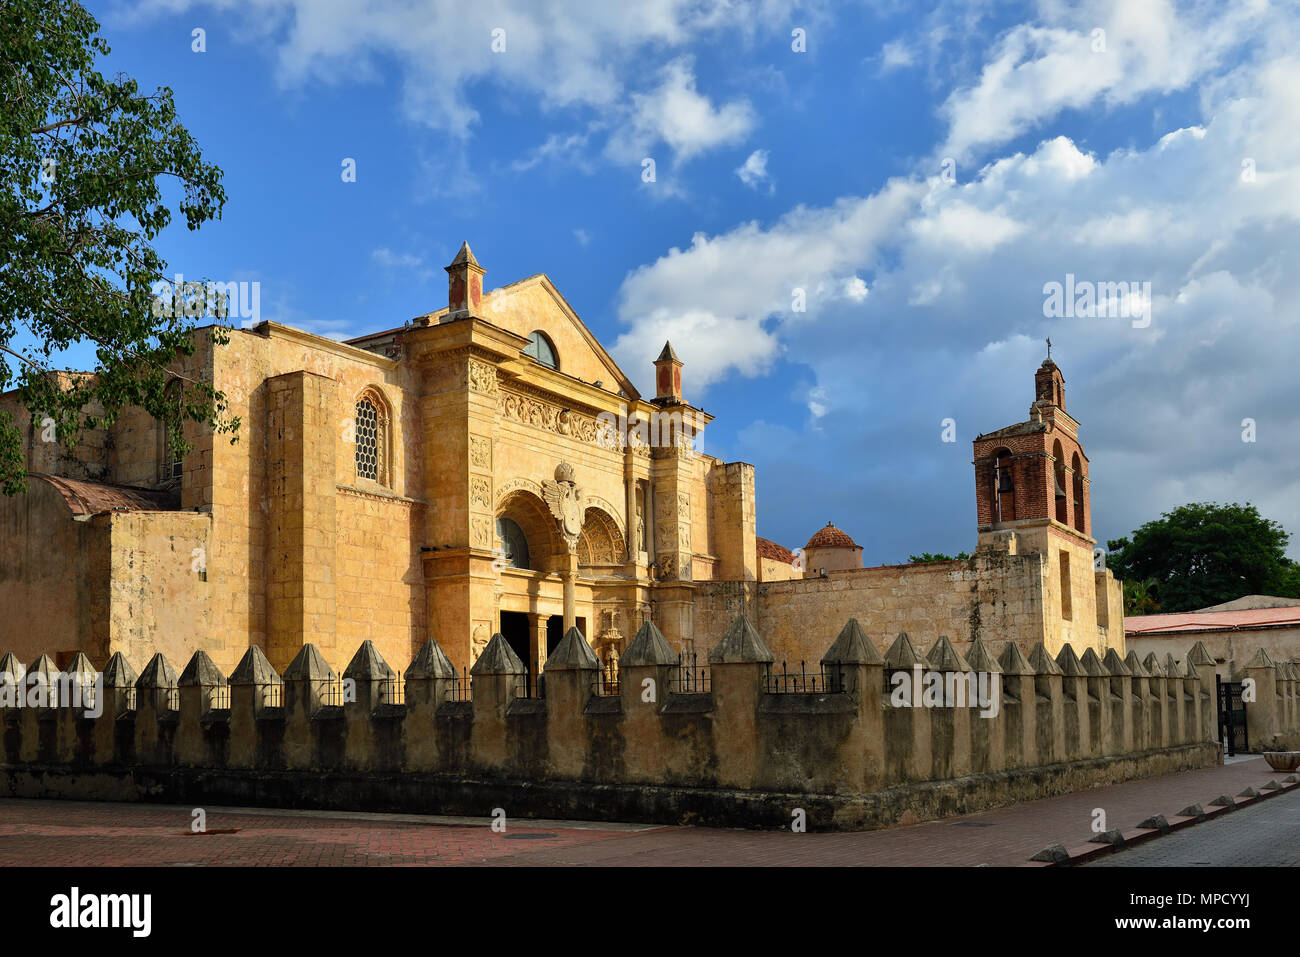 Cattedrale di Santa Maria la Menor la più antica cattedrale nelle Americhe a Santo Domingo, Repubblica Dominikan Immagini Stock